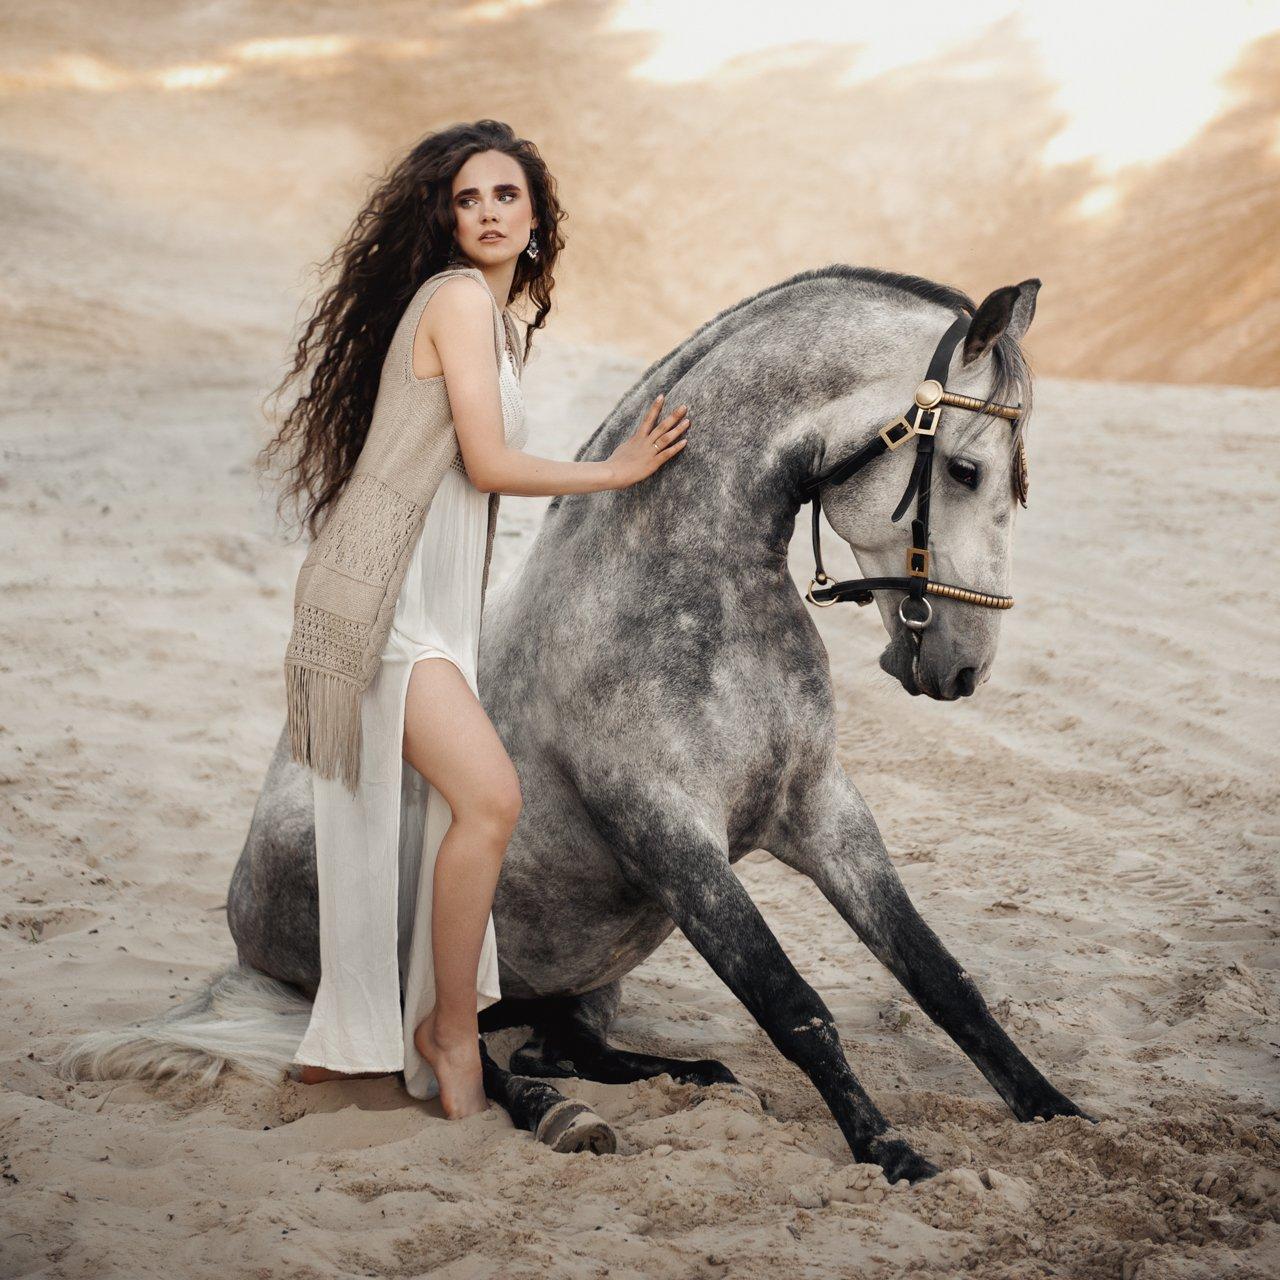 девушка, портрет, конь, Бабинцева Мария